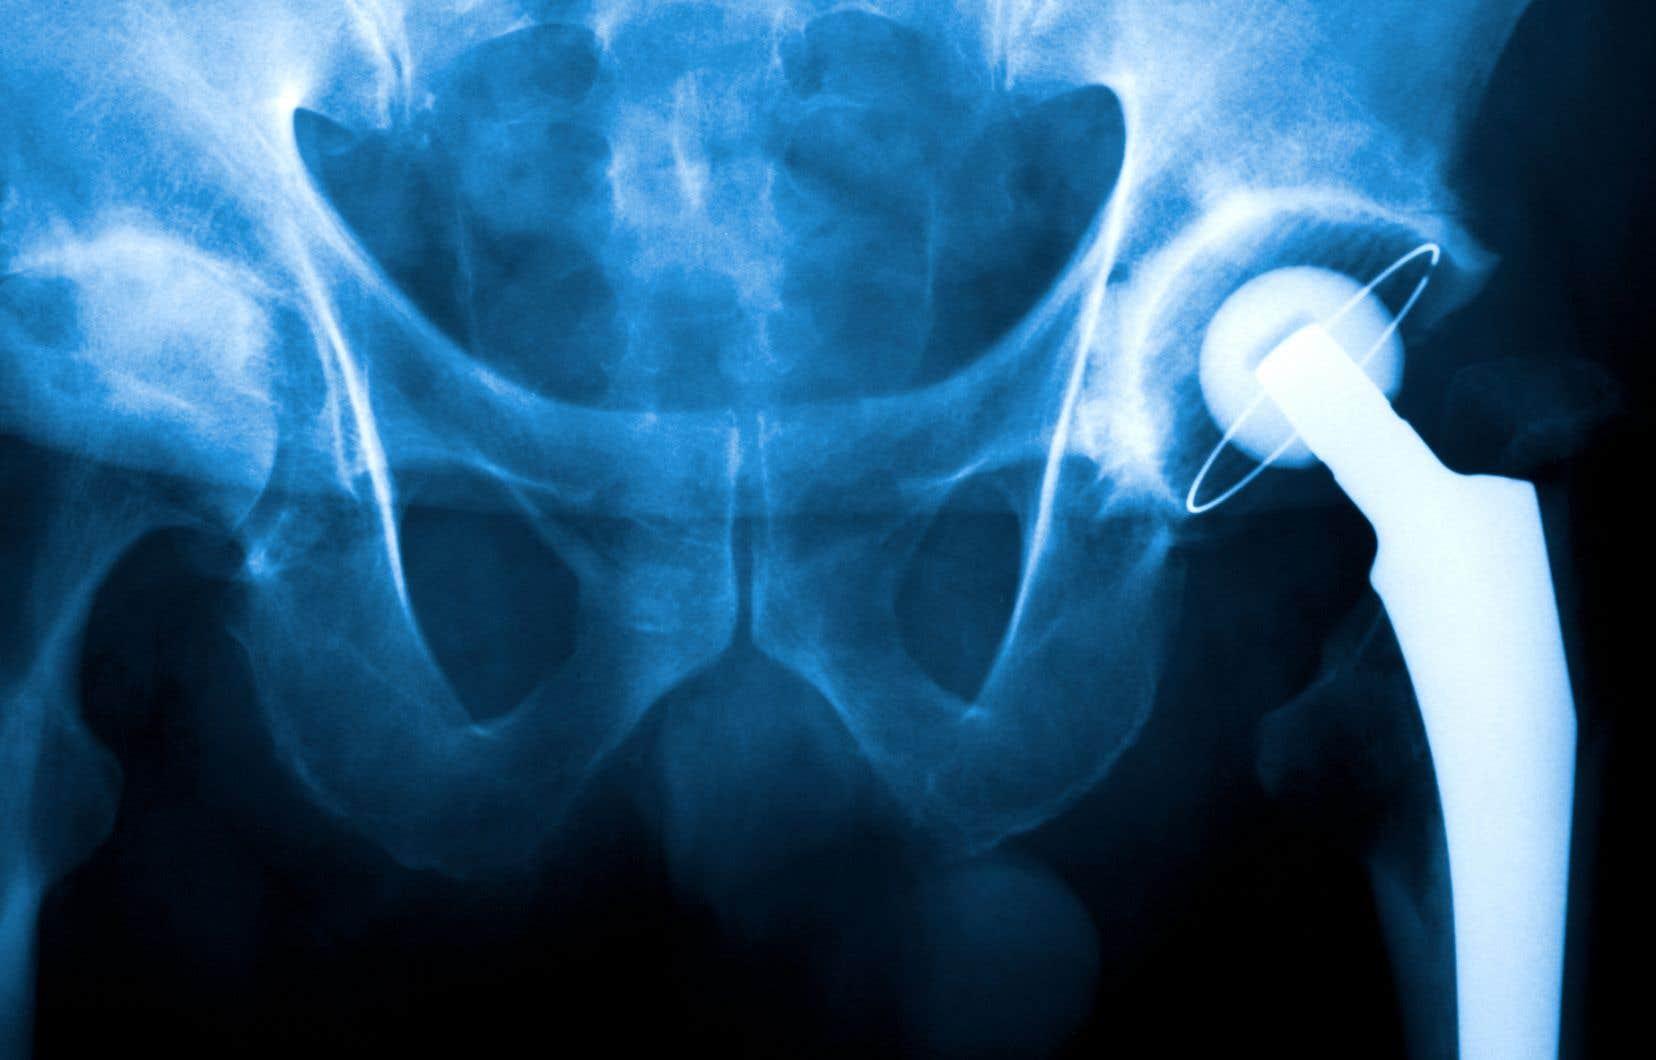 Censés aider les patients à survivre ou à améliorer leur qualité de vie, des appareils médicaux, comme des prothèses de hanche, ont mis en danger la vie de nombreuses personnes dans le monde.